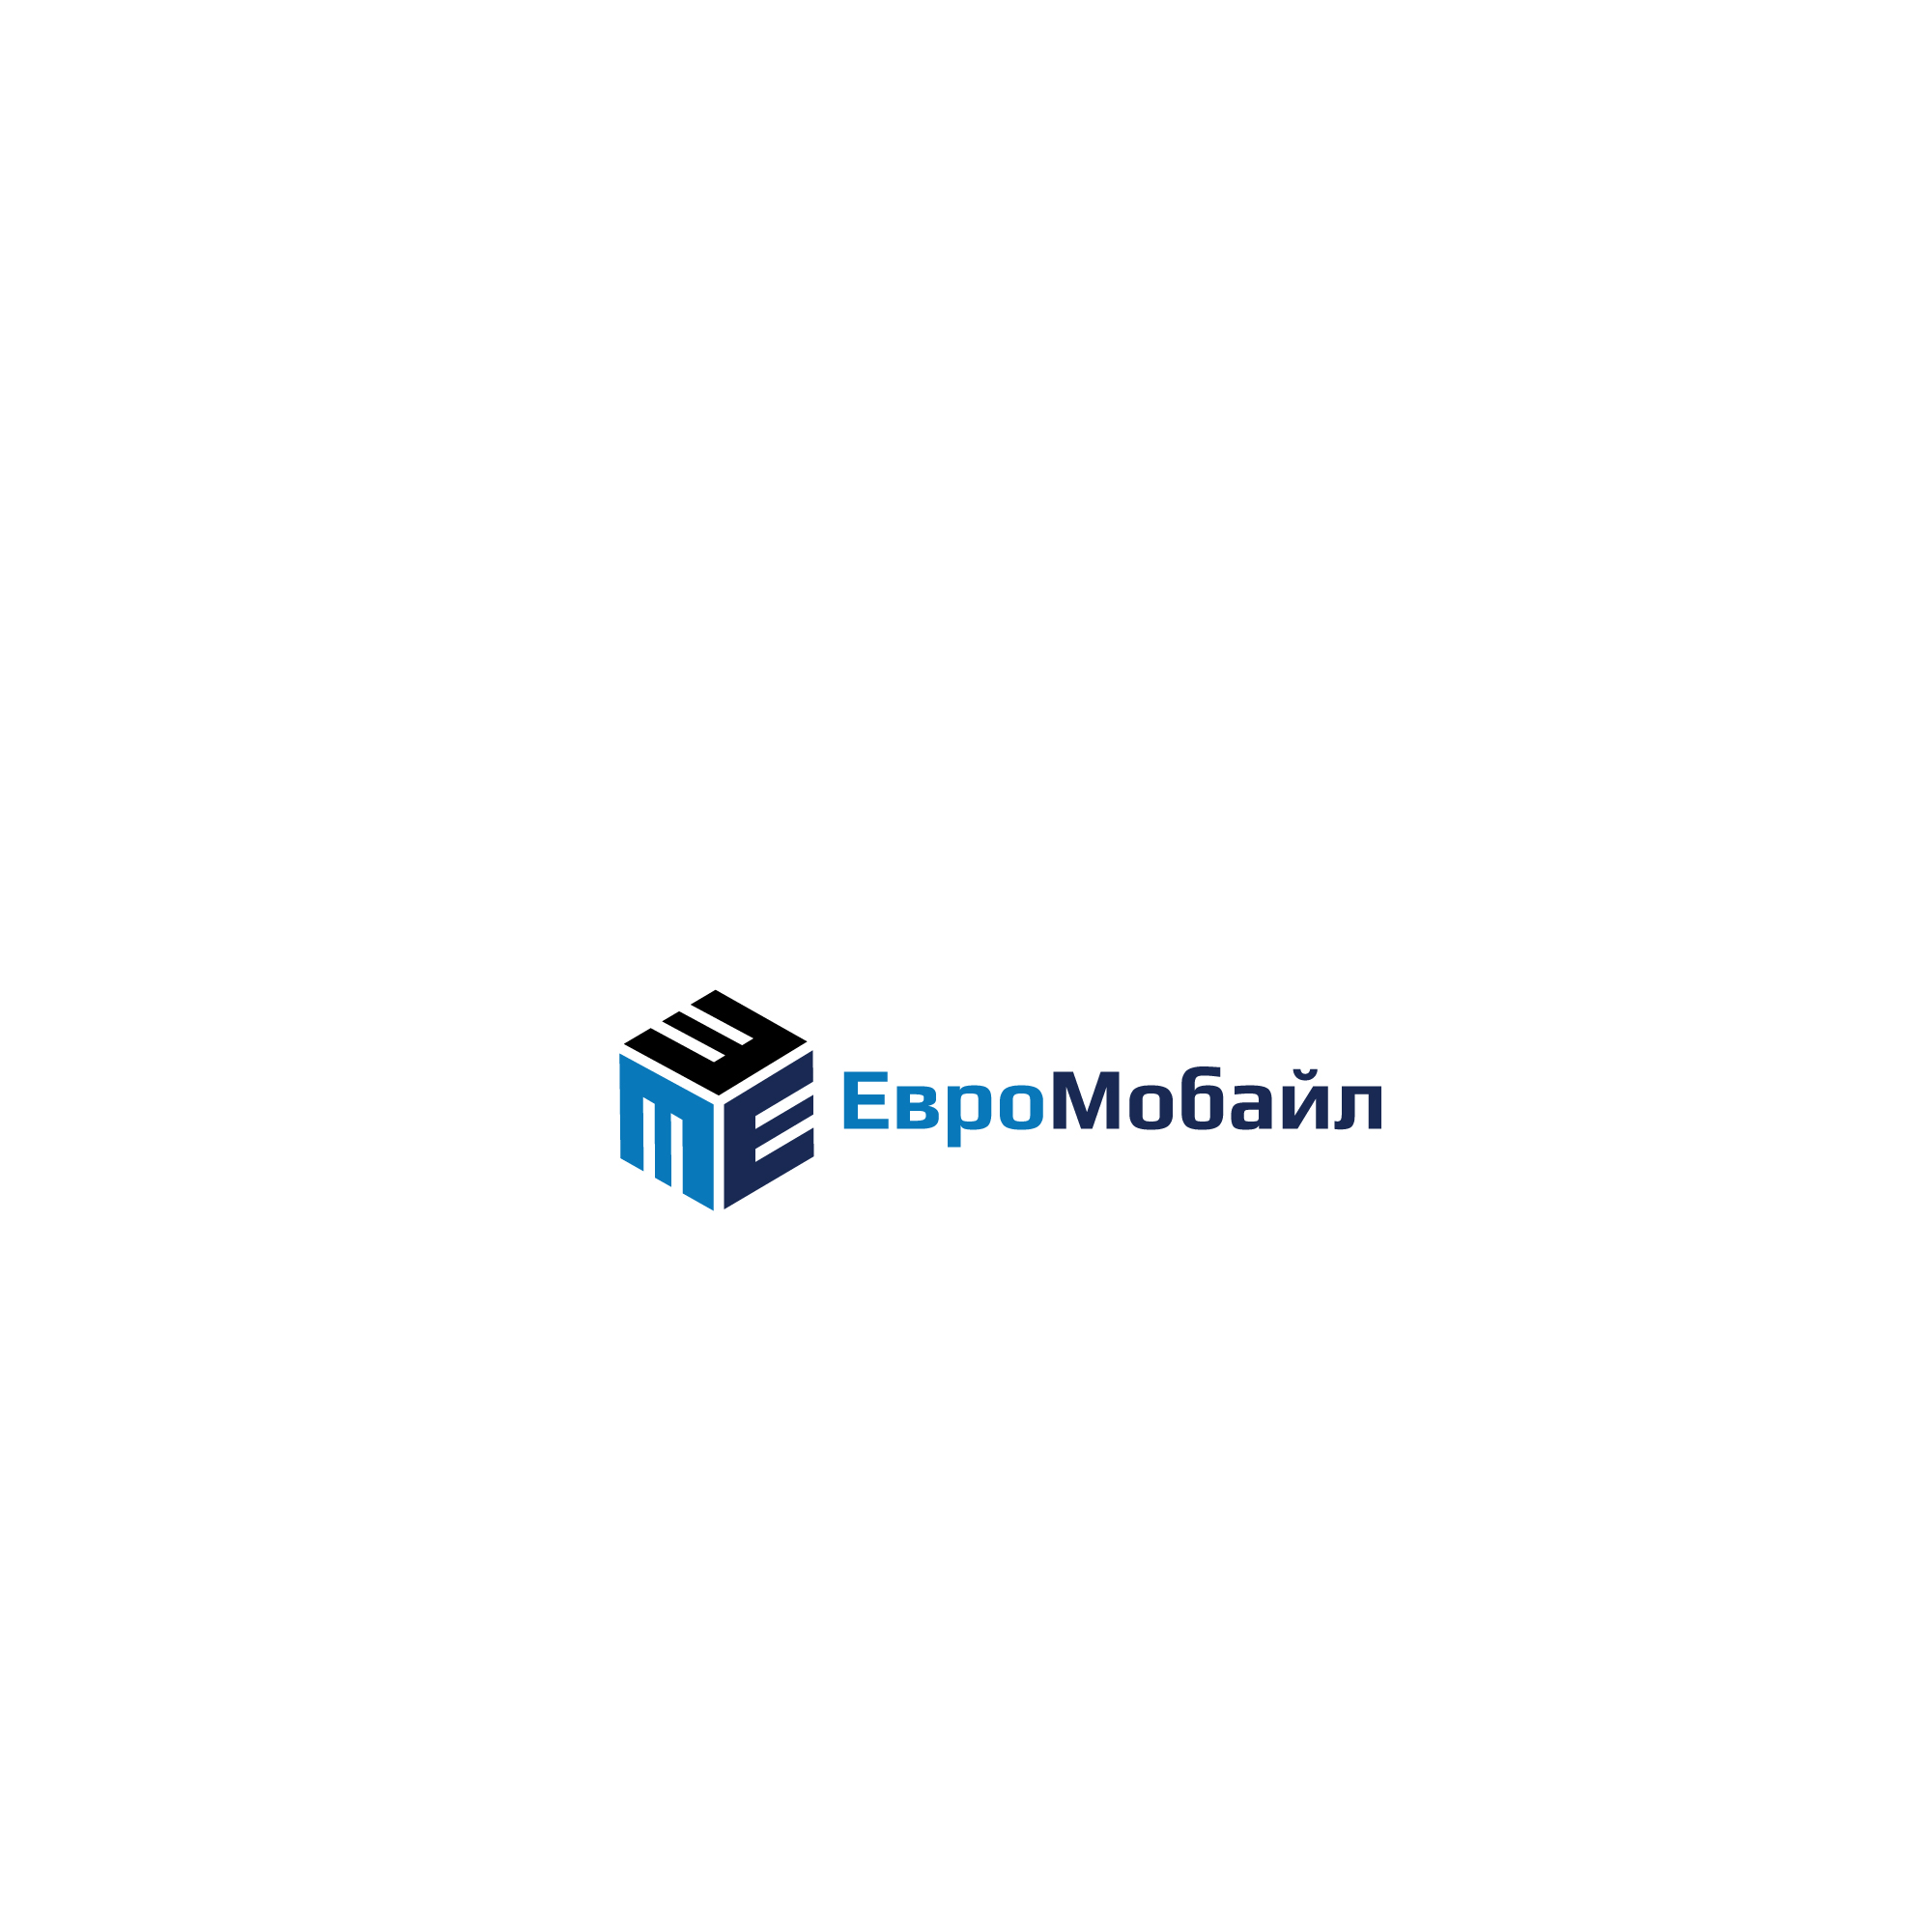 Редизайн логотипа фото f_00159c8b7436a9f1.jpg